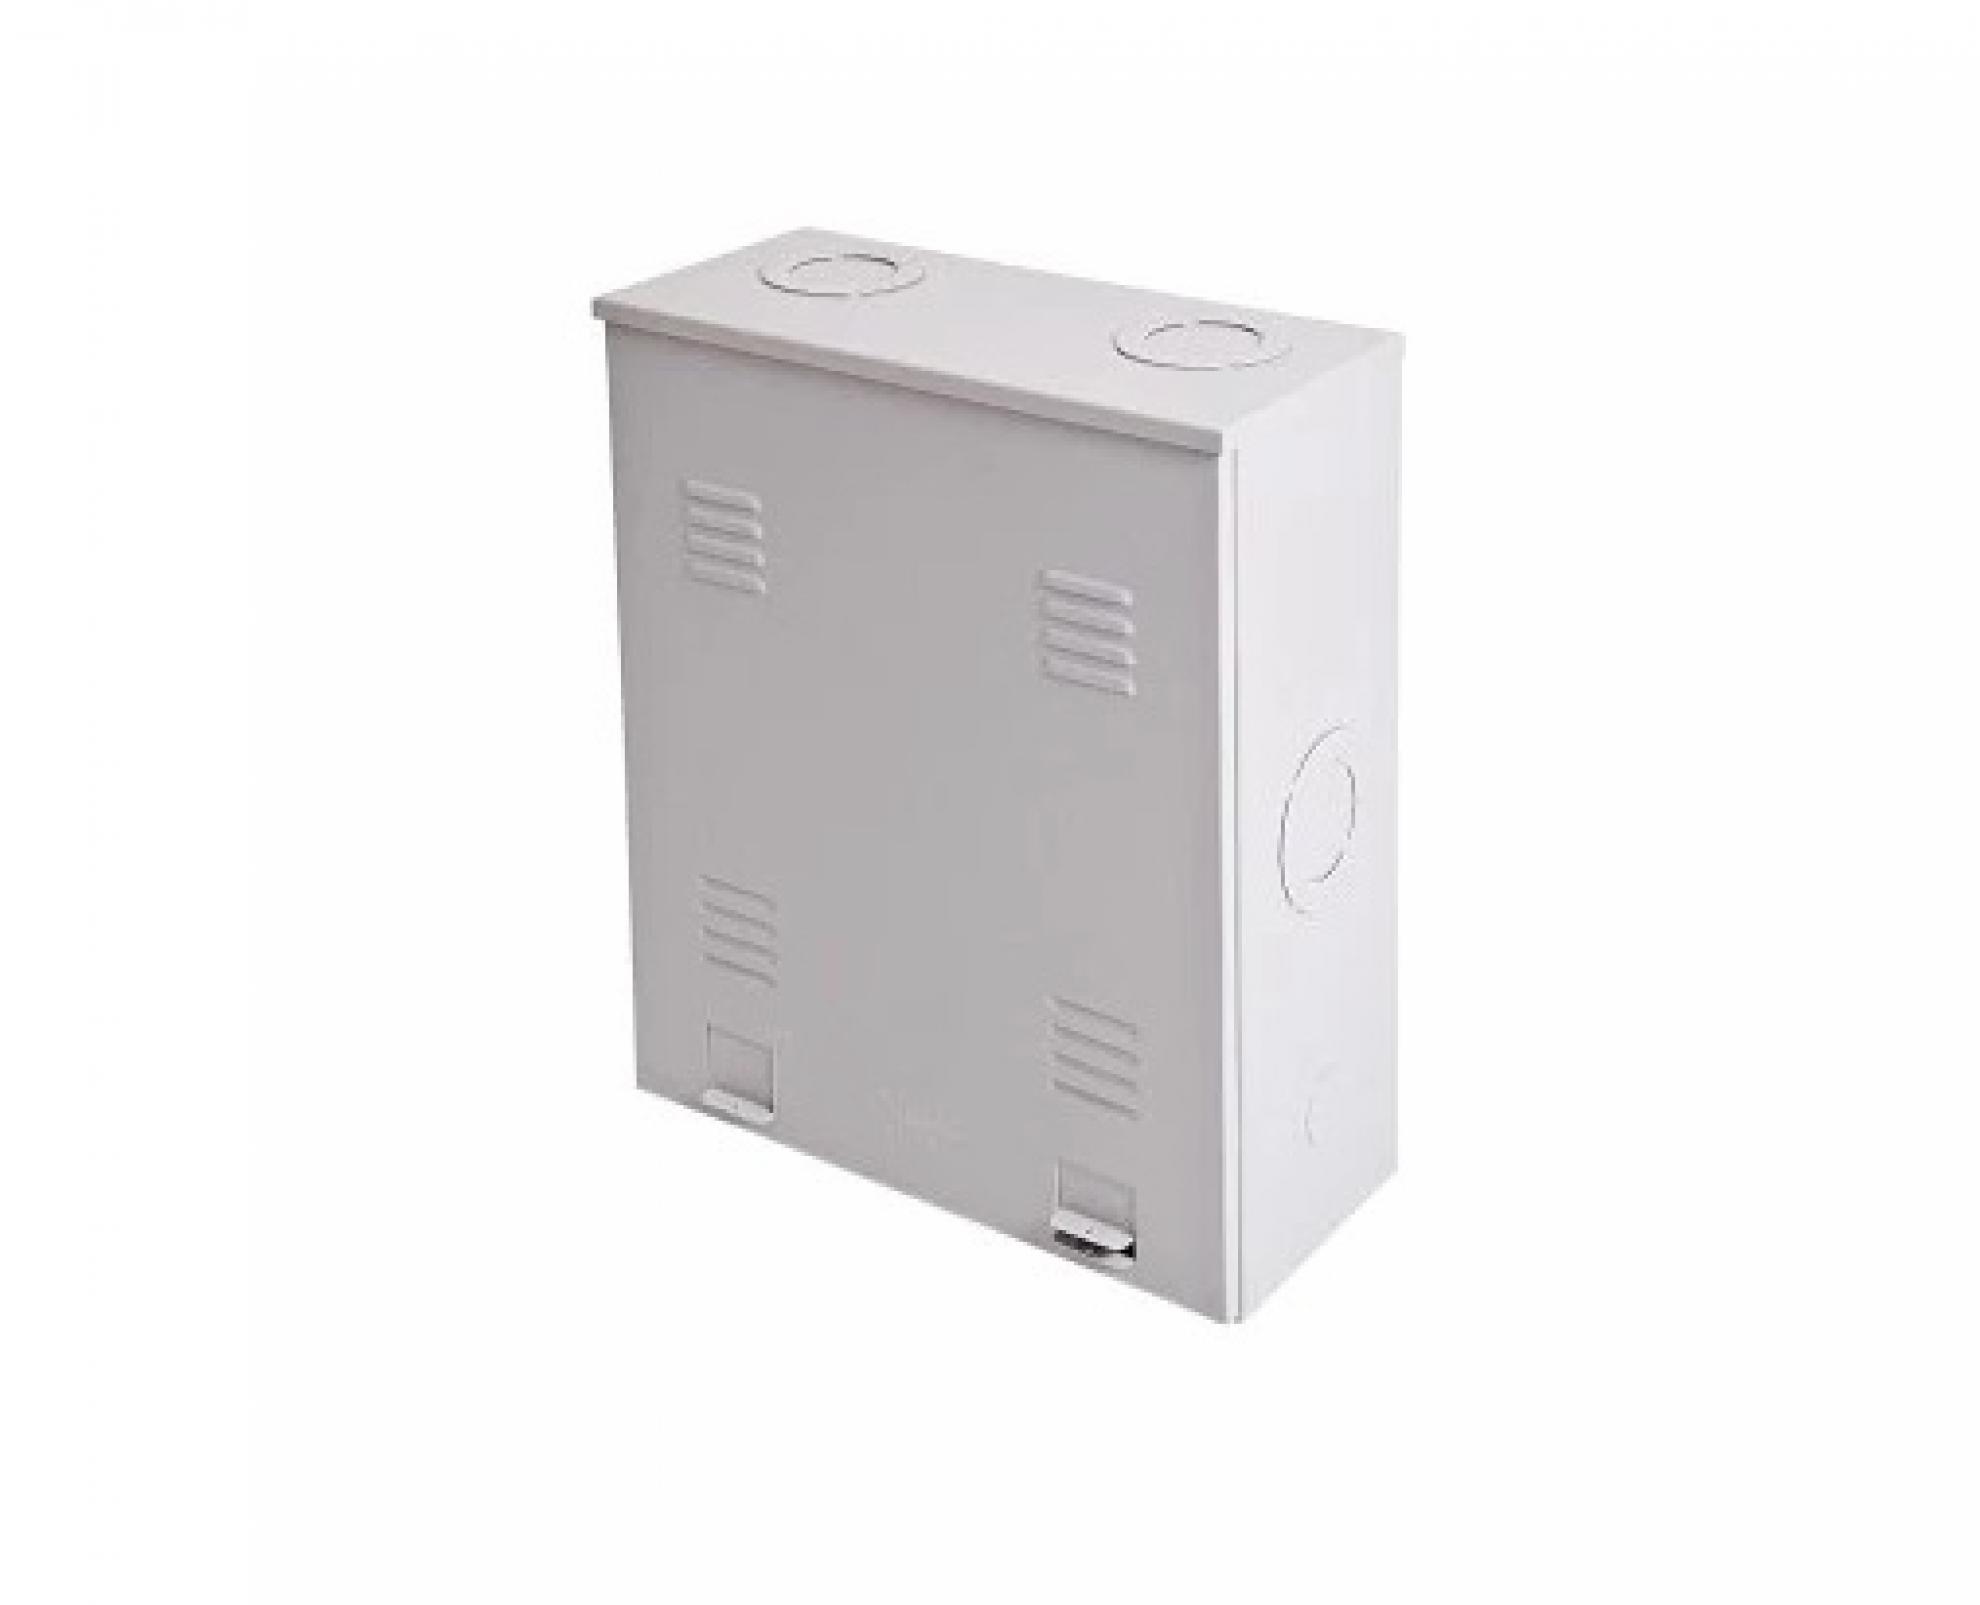 Caixa TC 200A - Celg